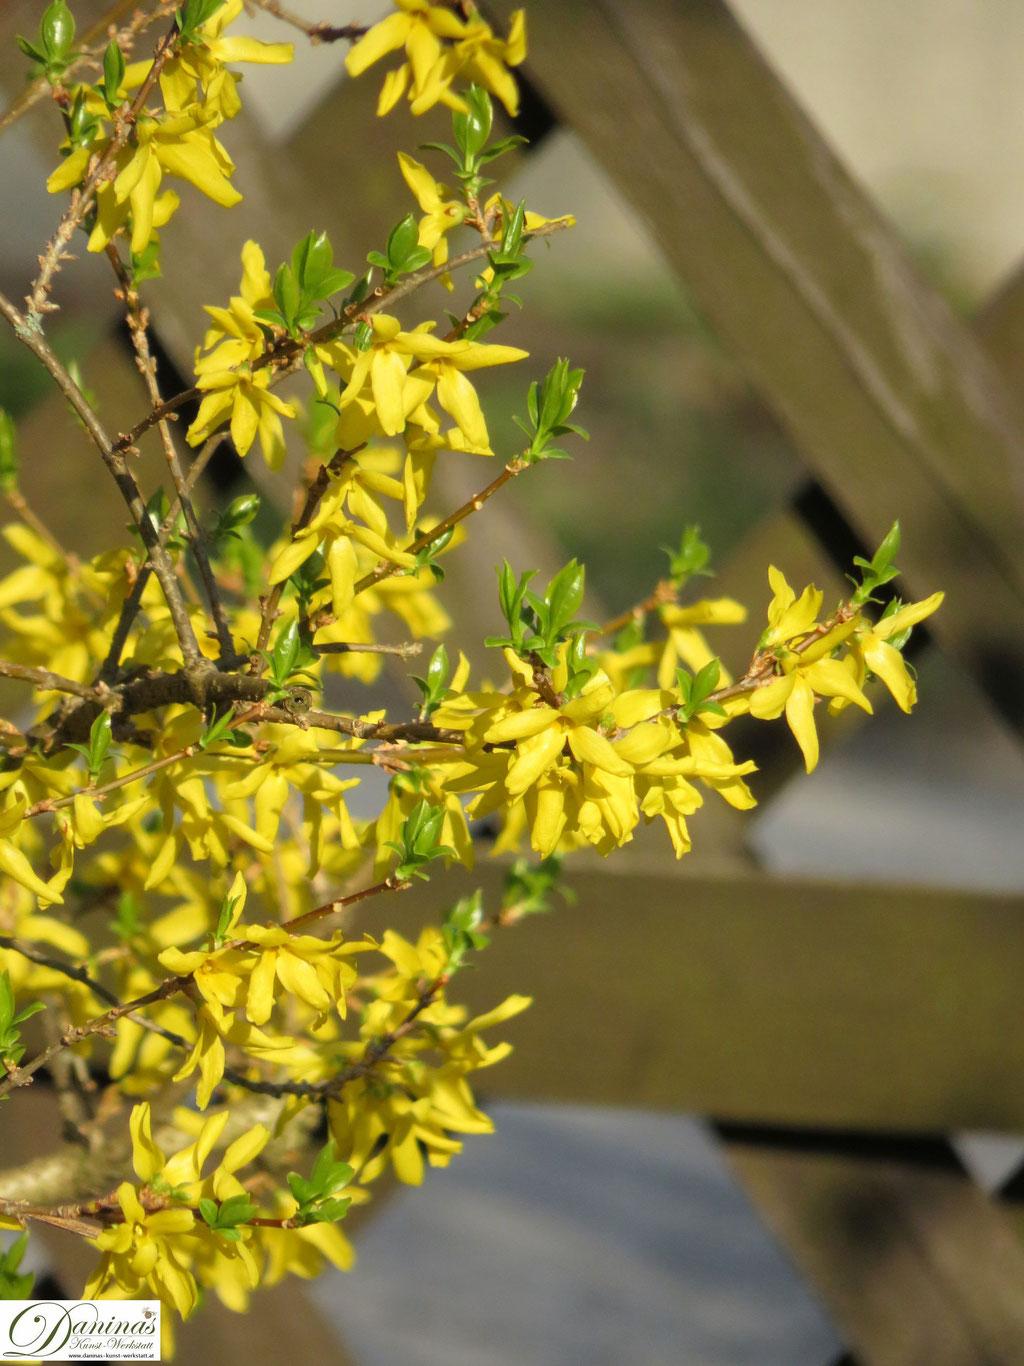 Gelbe Forsythie - erste Blüten im Frühling